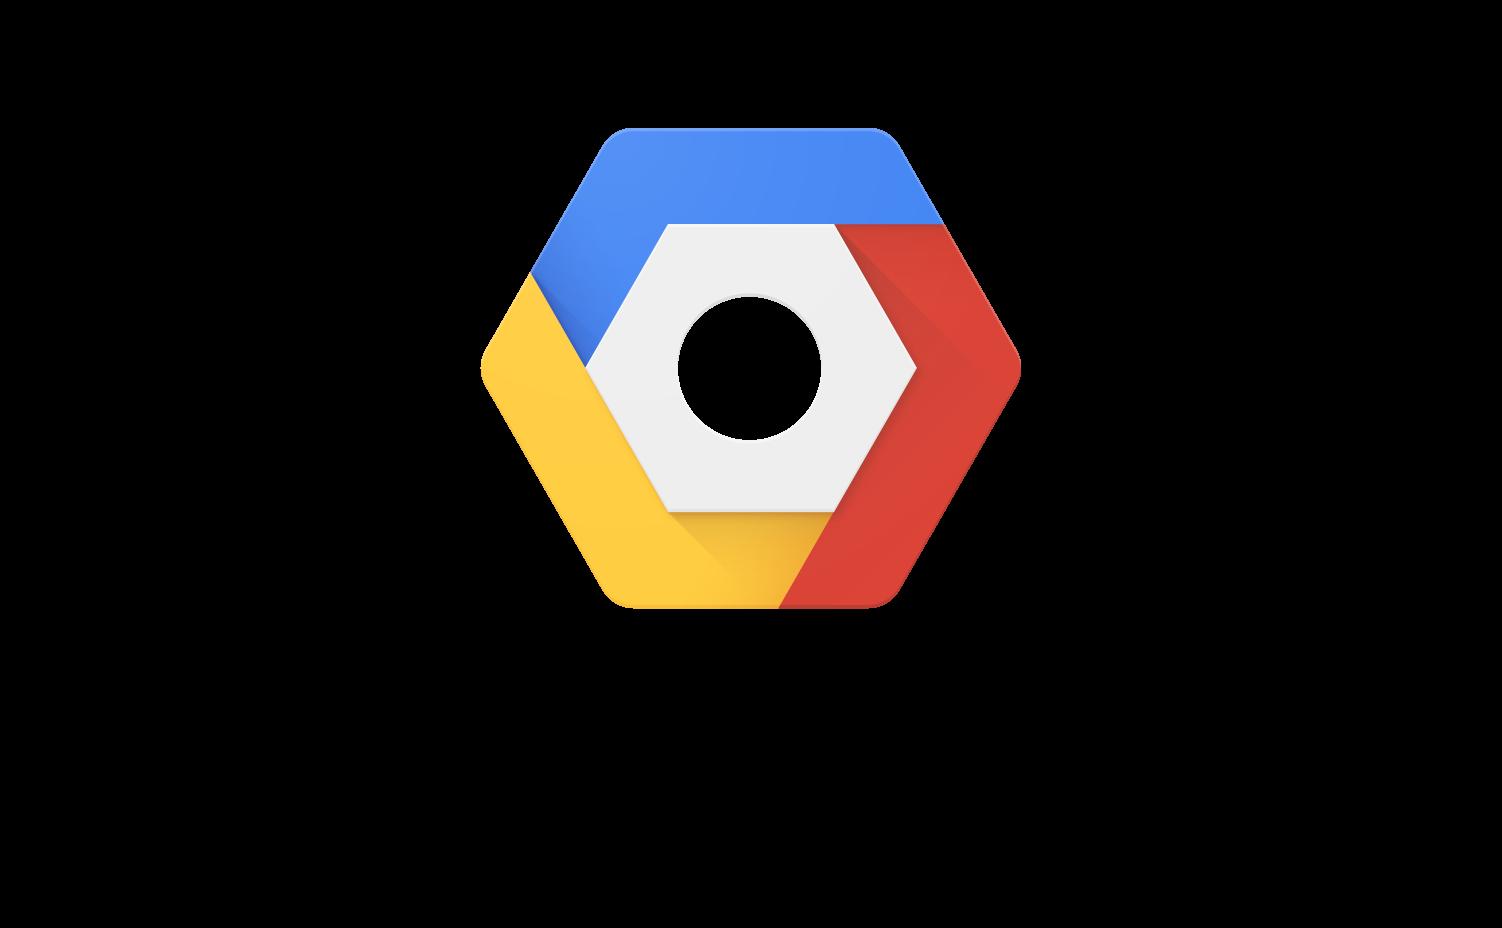 Google acquires QwikLabs